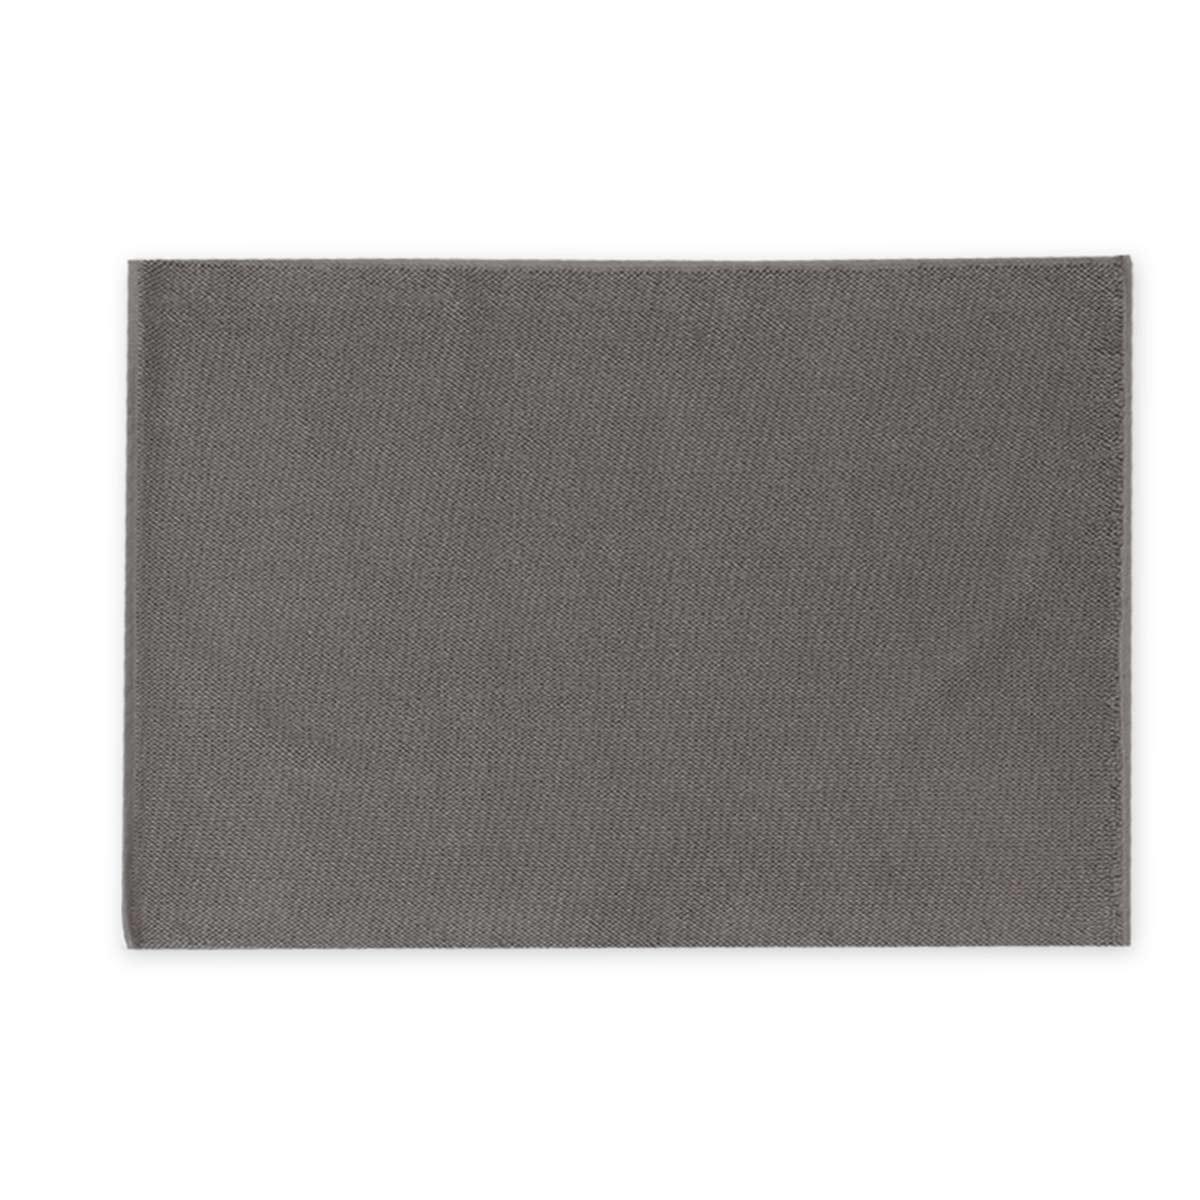 Πατάκι Μπάνιου Πετσετέ (55x80) Nef-Nef Bath Ravena Anthracite